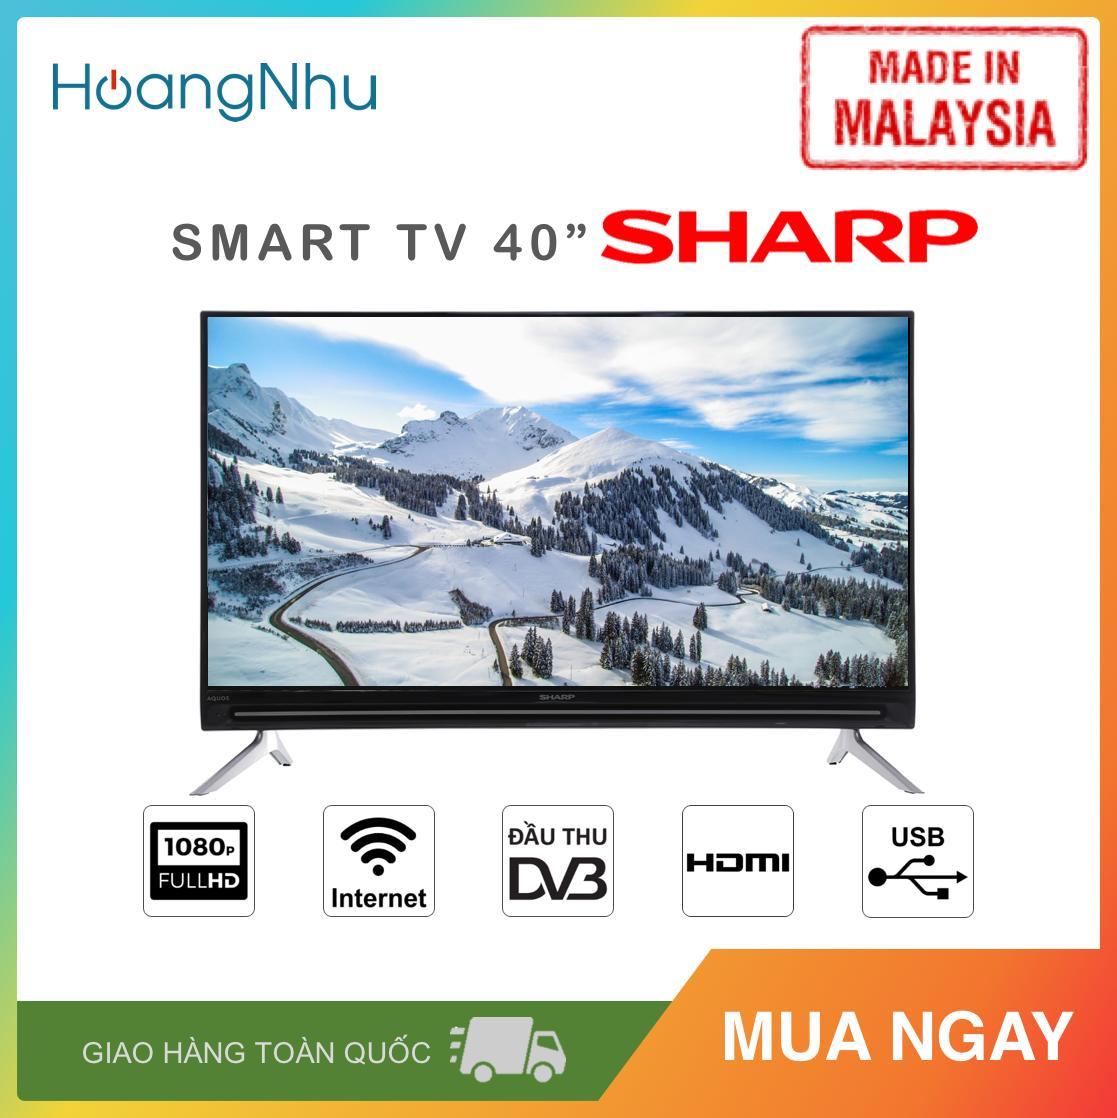 Bảng giá Smart TV Sharp 40 inch Kết nối Internet Wifi 2T-C40AE1X (Full HD, Hệ điều hành Easy Smart, Truyền hình KTS, màu đen) - Hàng Malaysia - Bảo hành toàn quốc 2 năm